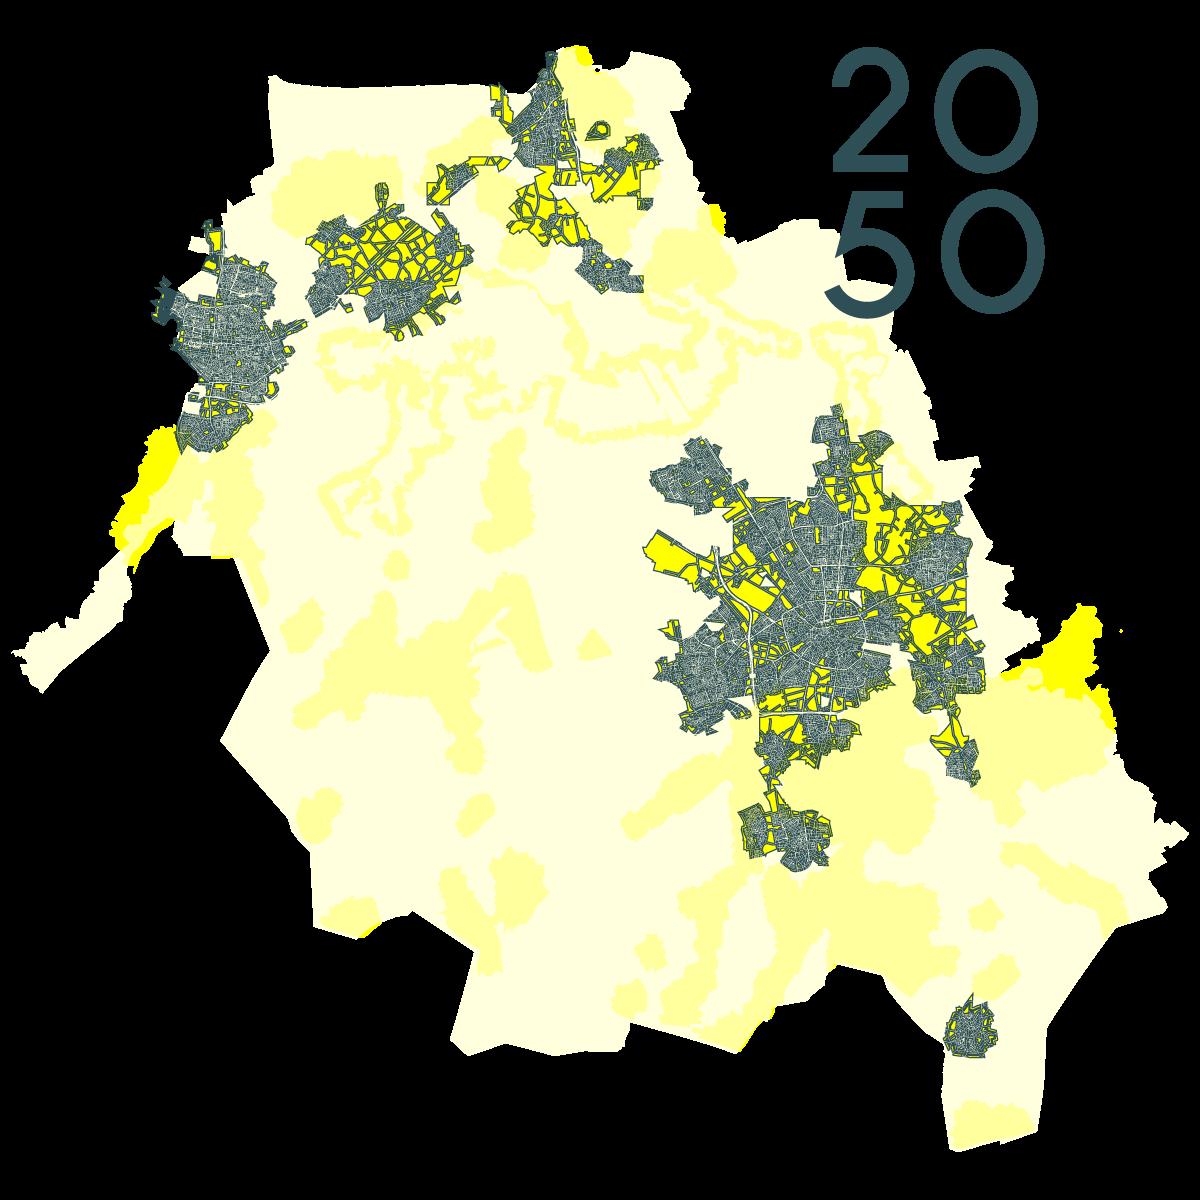 steden-vangen-regen-2050